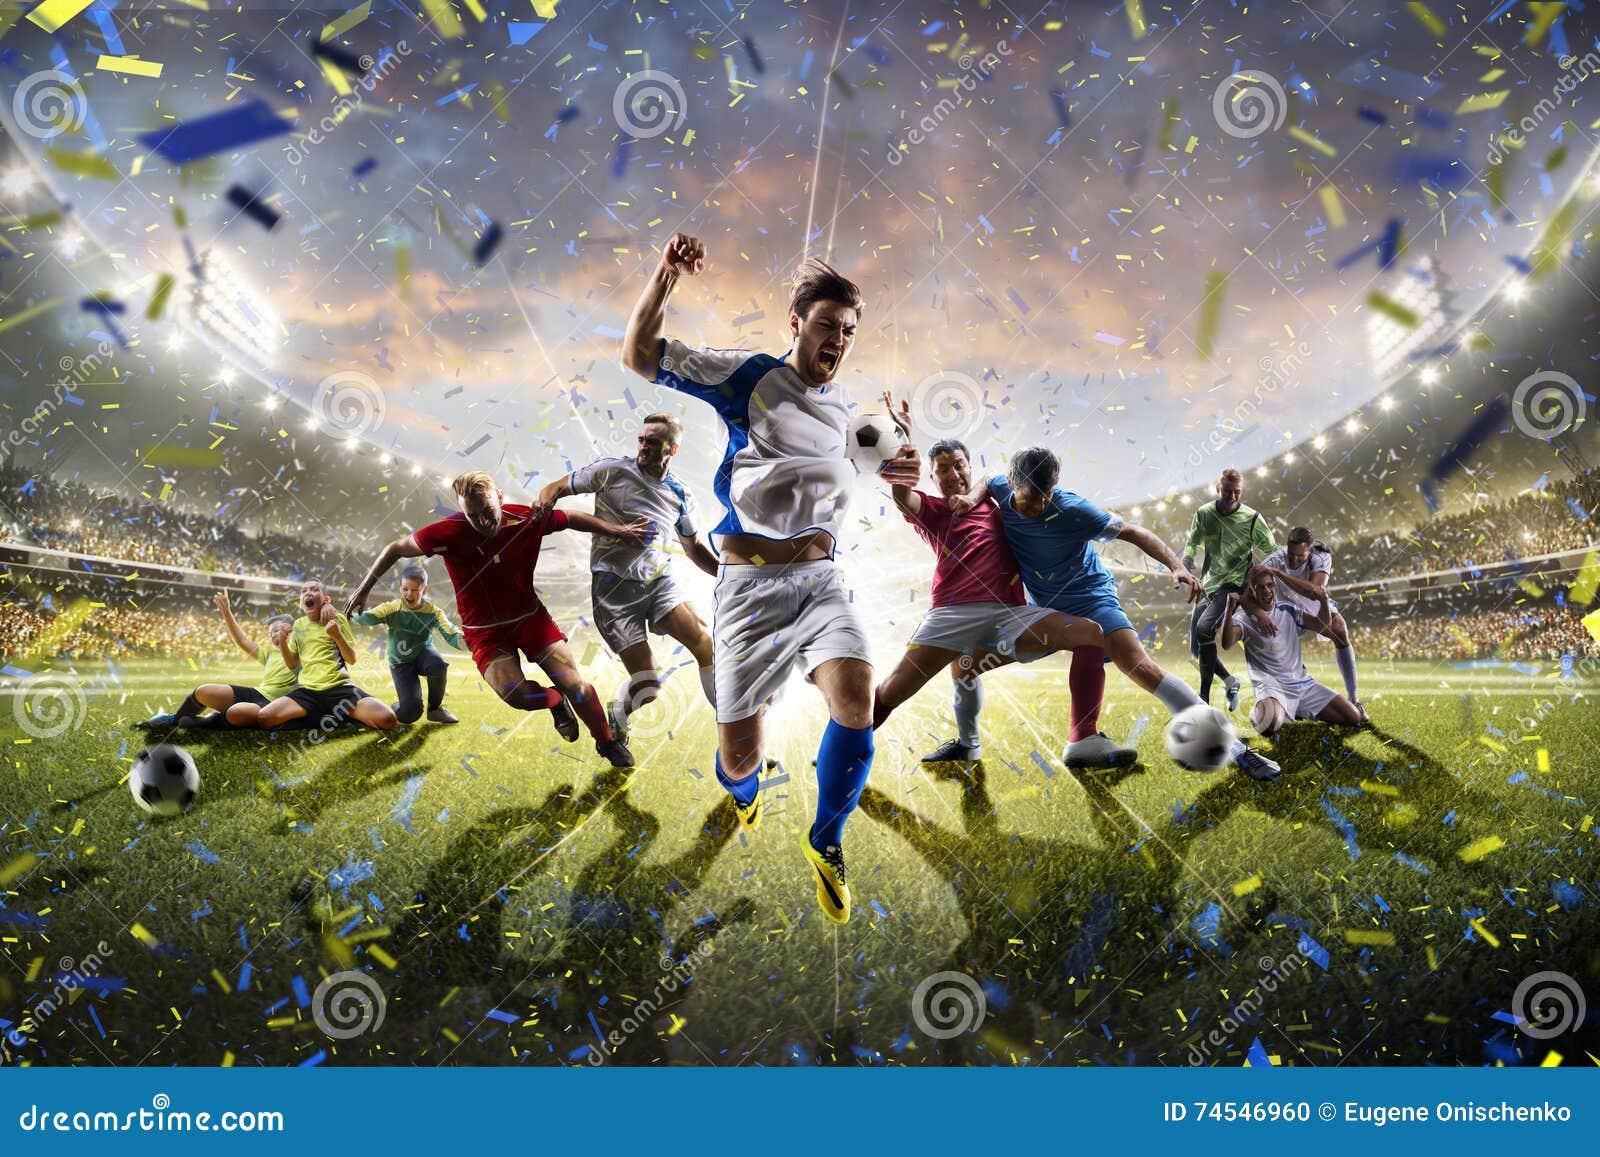 För barnfotboll för collage vuxna spelare i handling på stadionpanorama